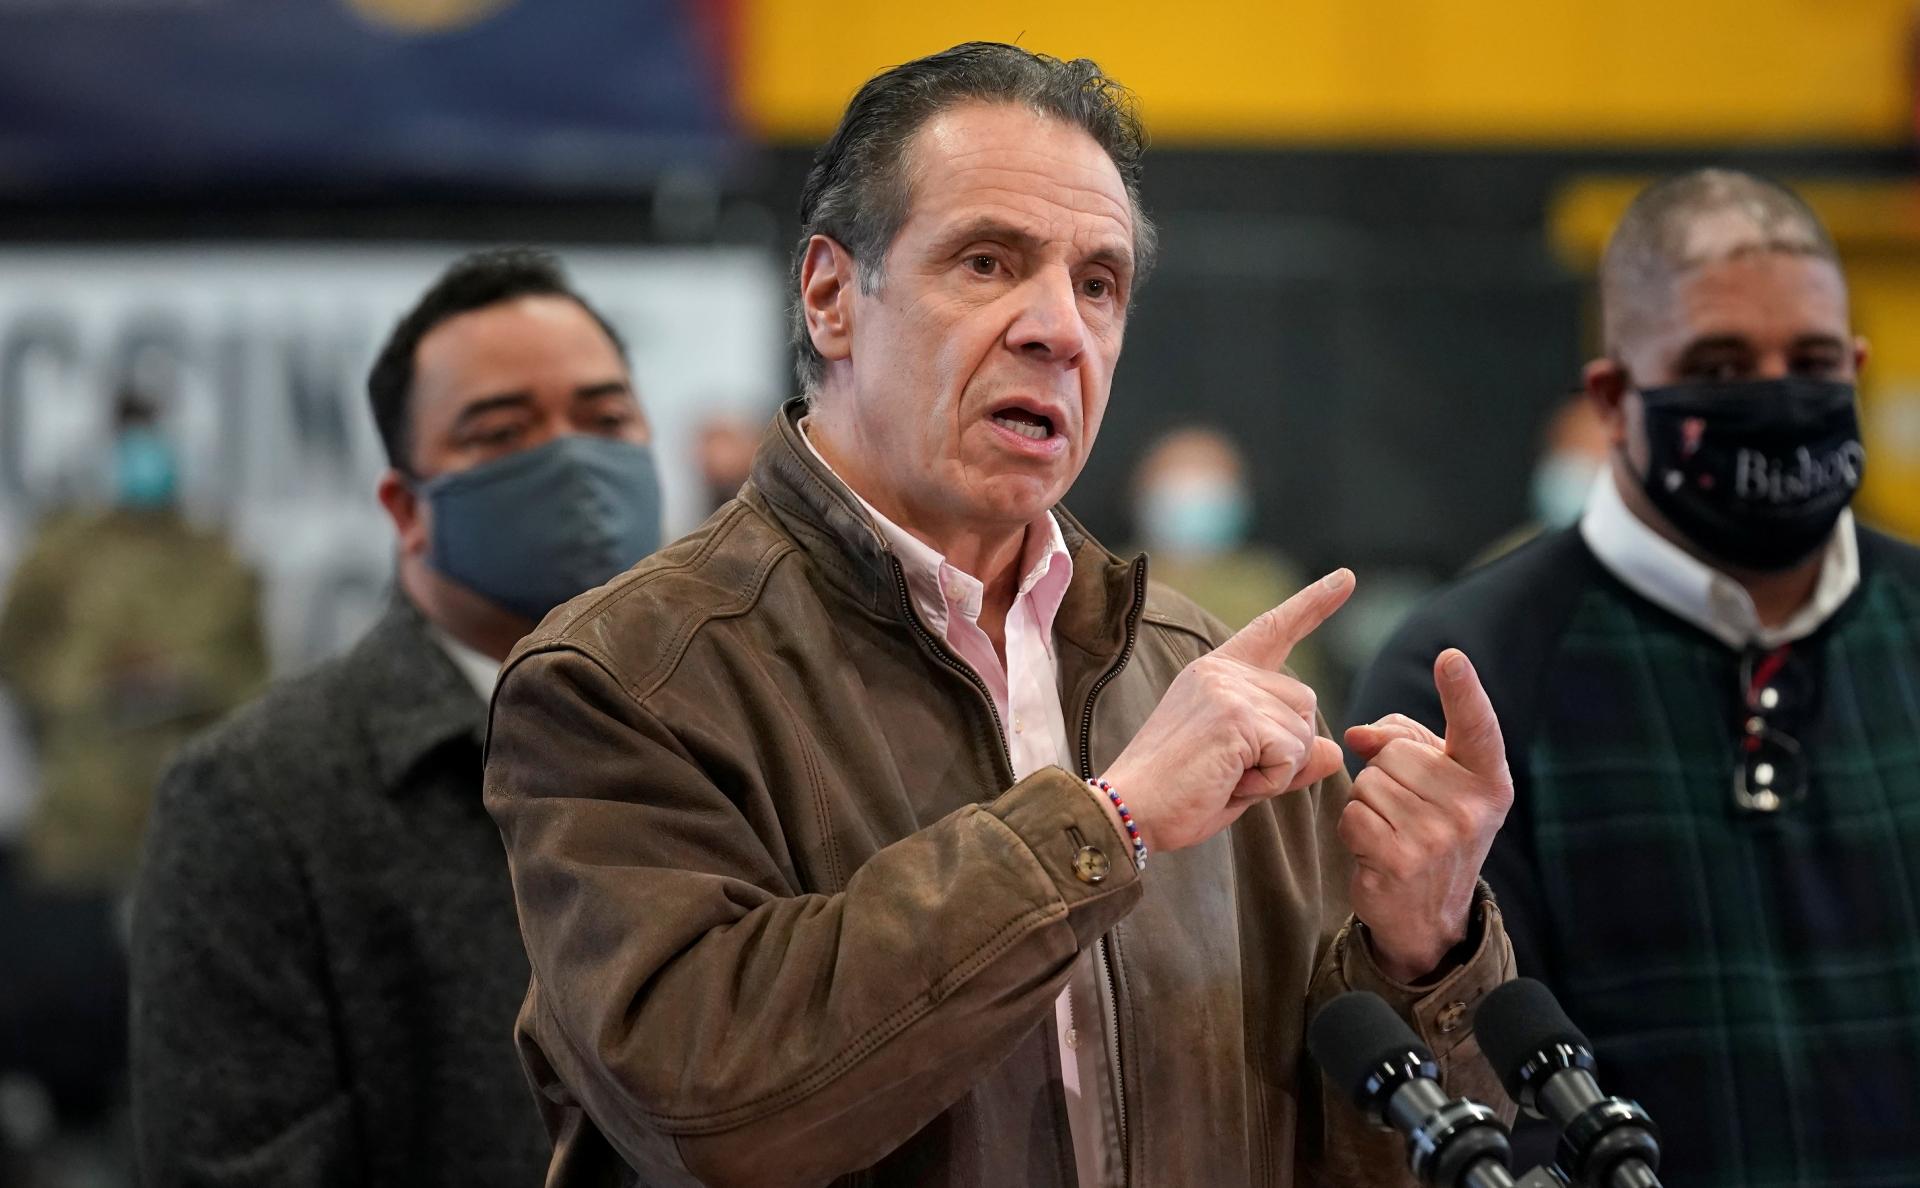 Губернатора Нью-Йорка обвинили в домогательствах